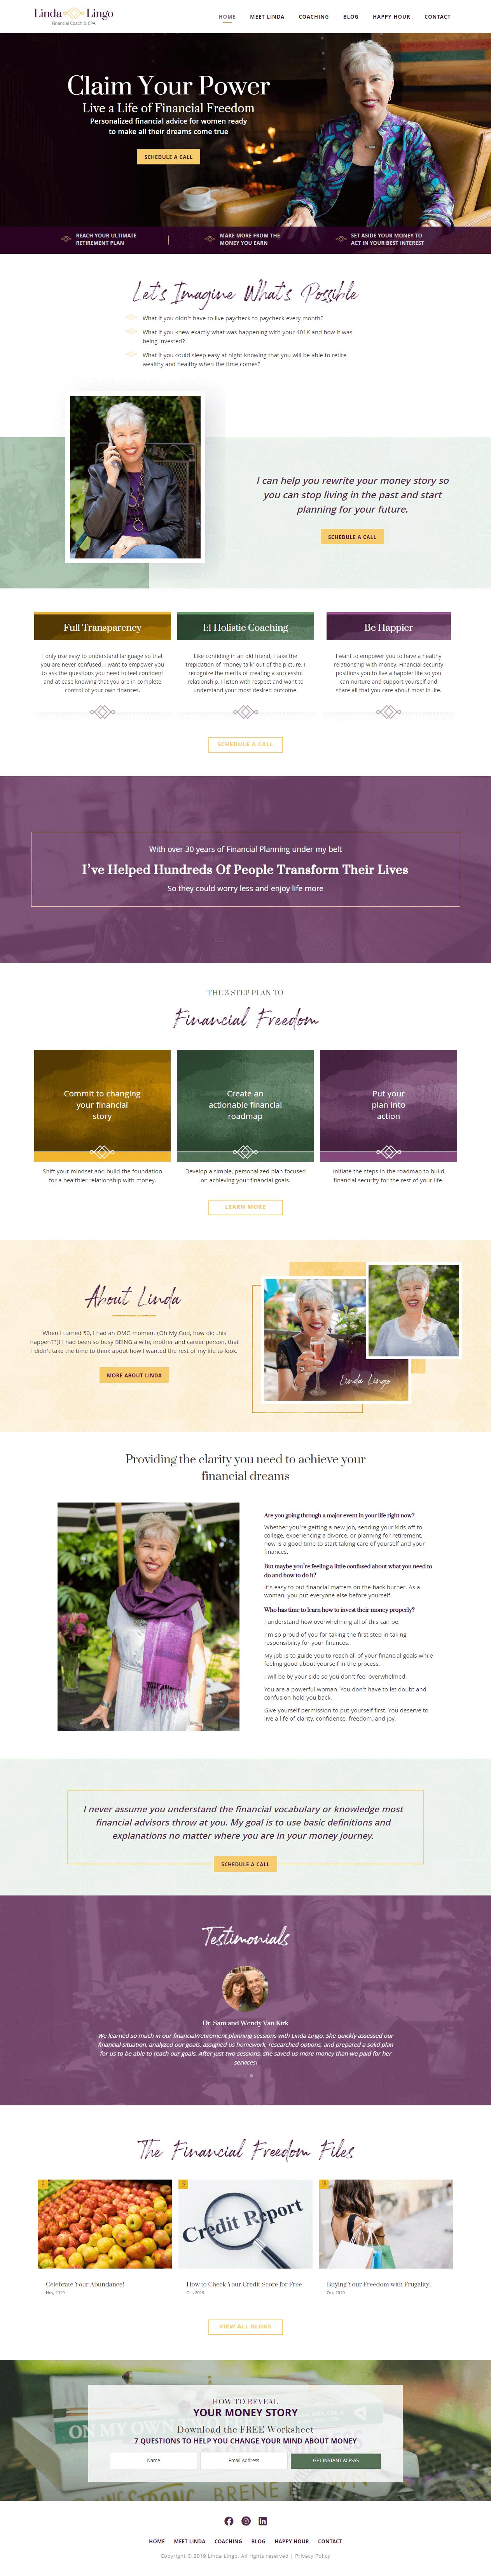 Linda-Lingo-home-page